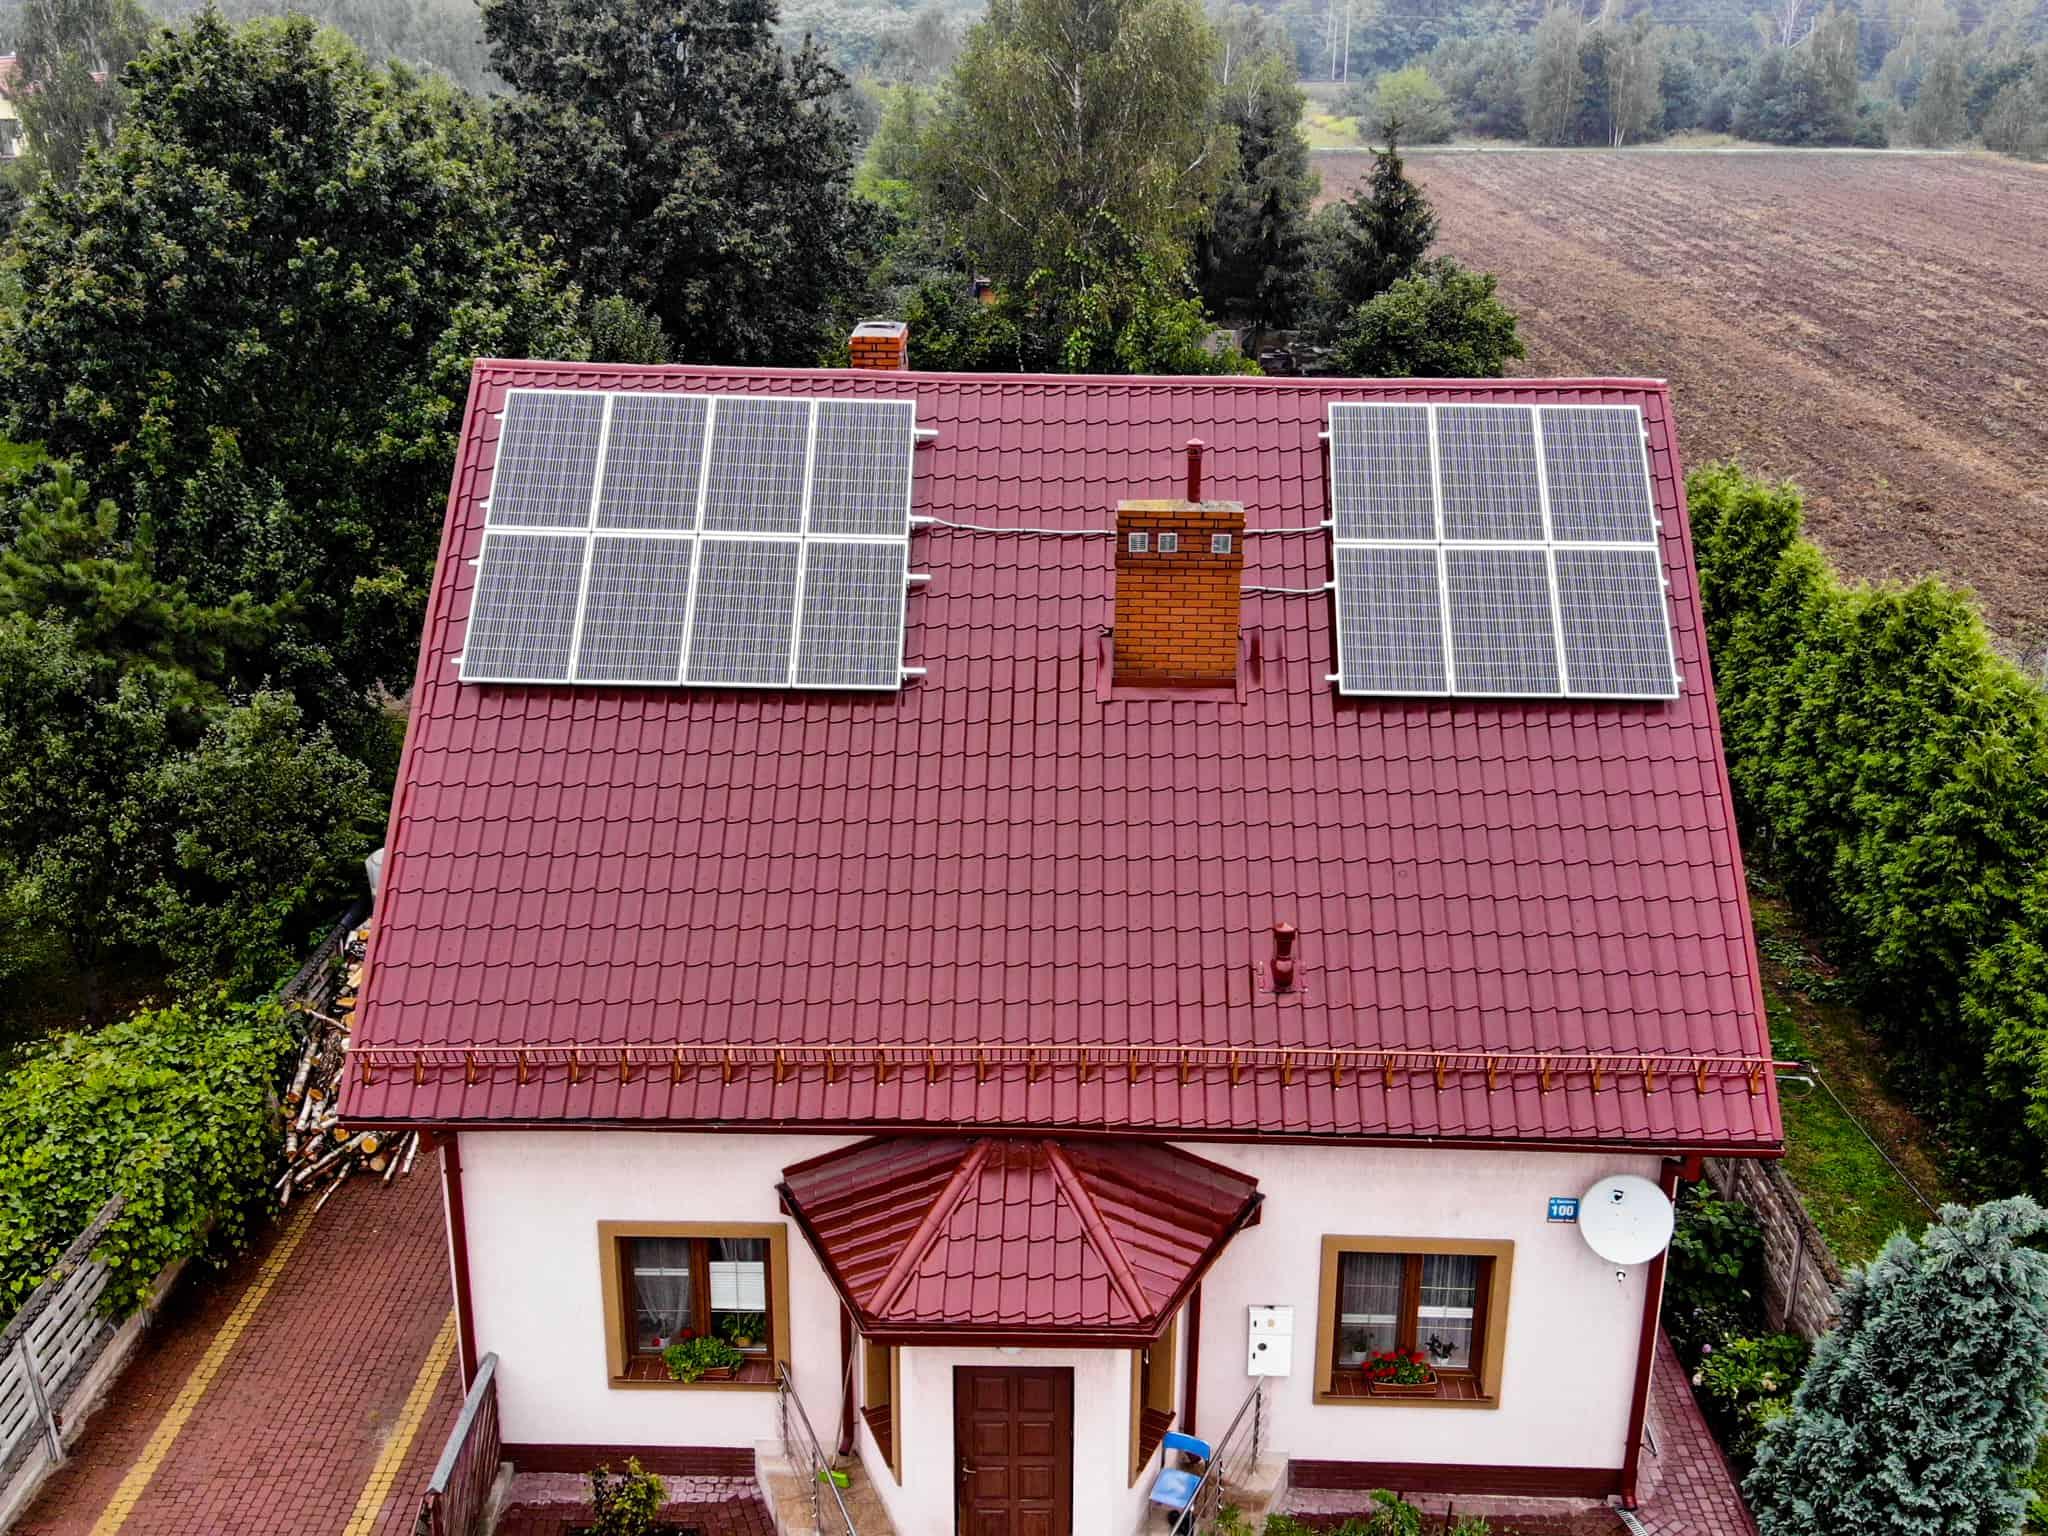 Janówek II 4.48 kWp